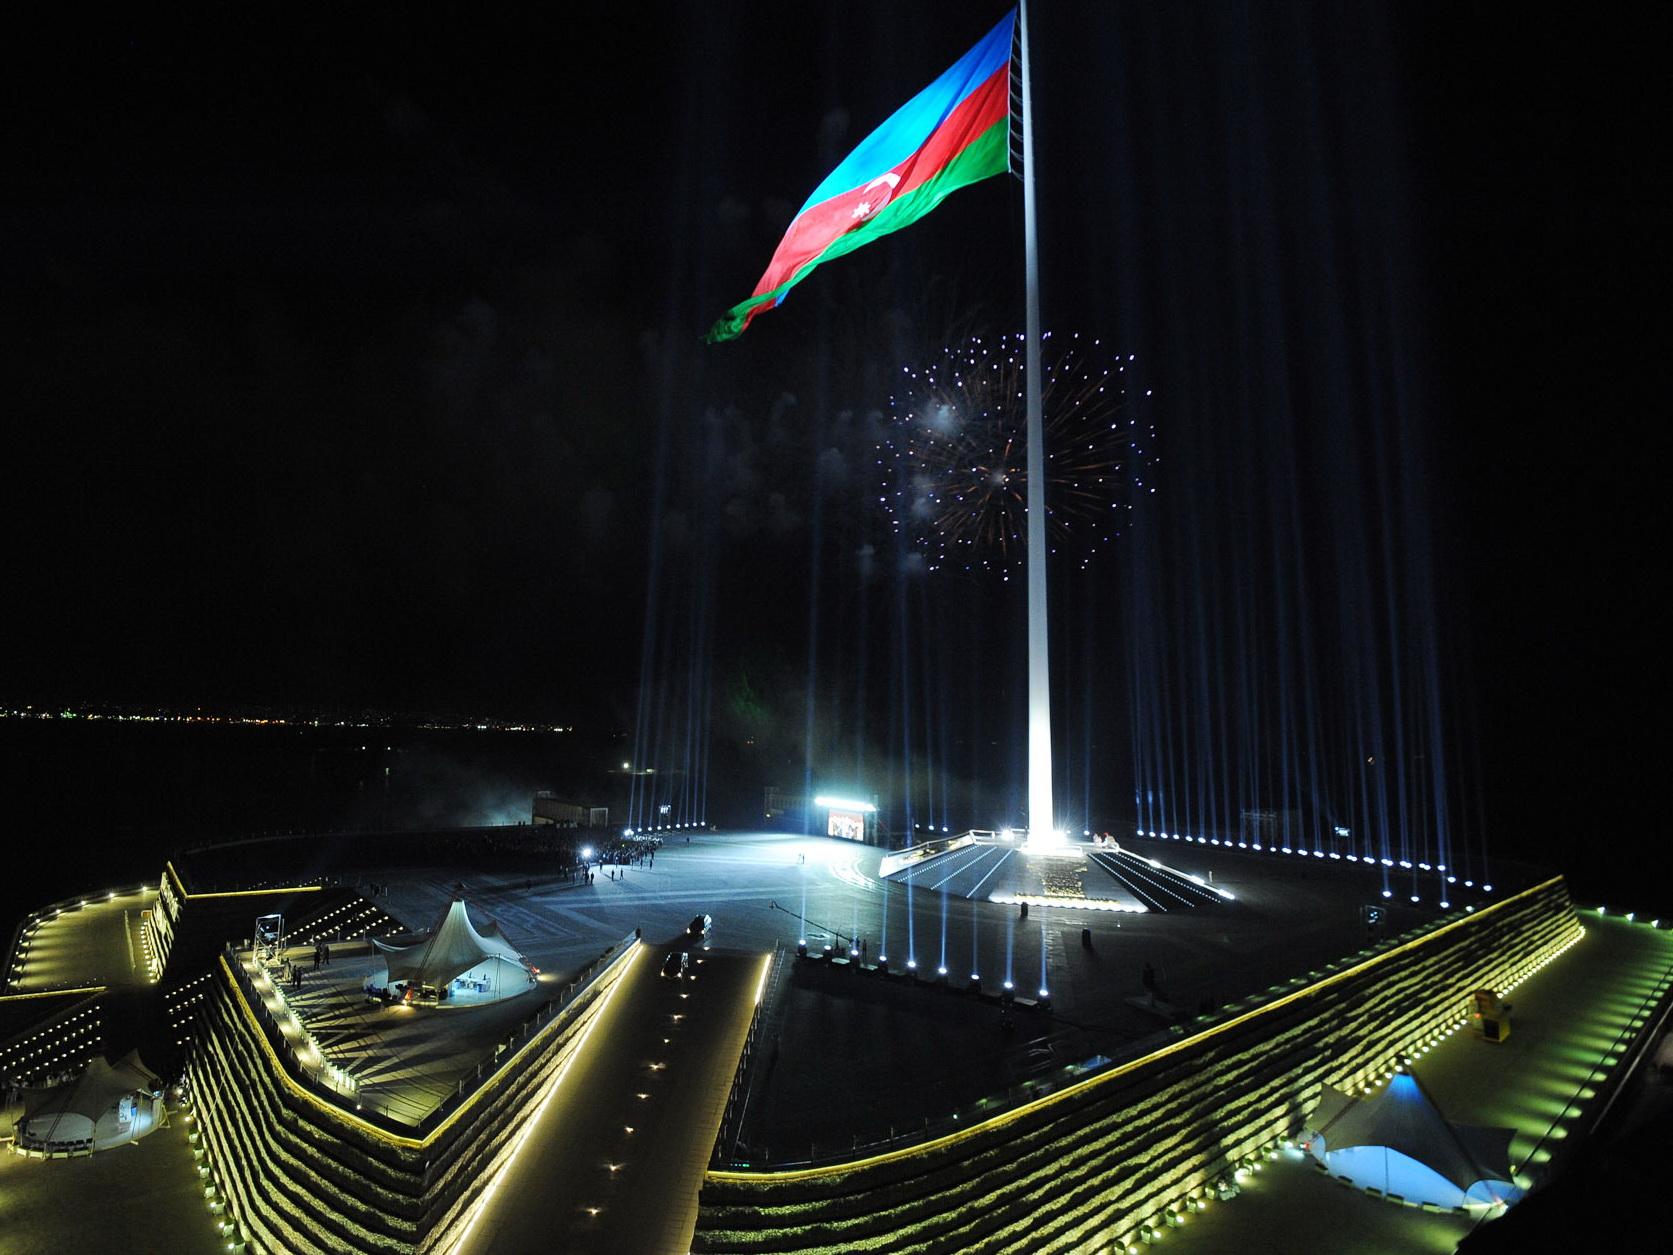 Развитие и прогресс: Главные геополитические итоги 2017 года в Азербайджане